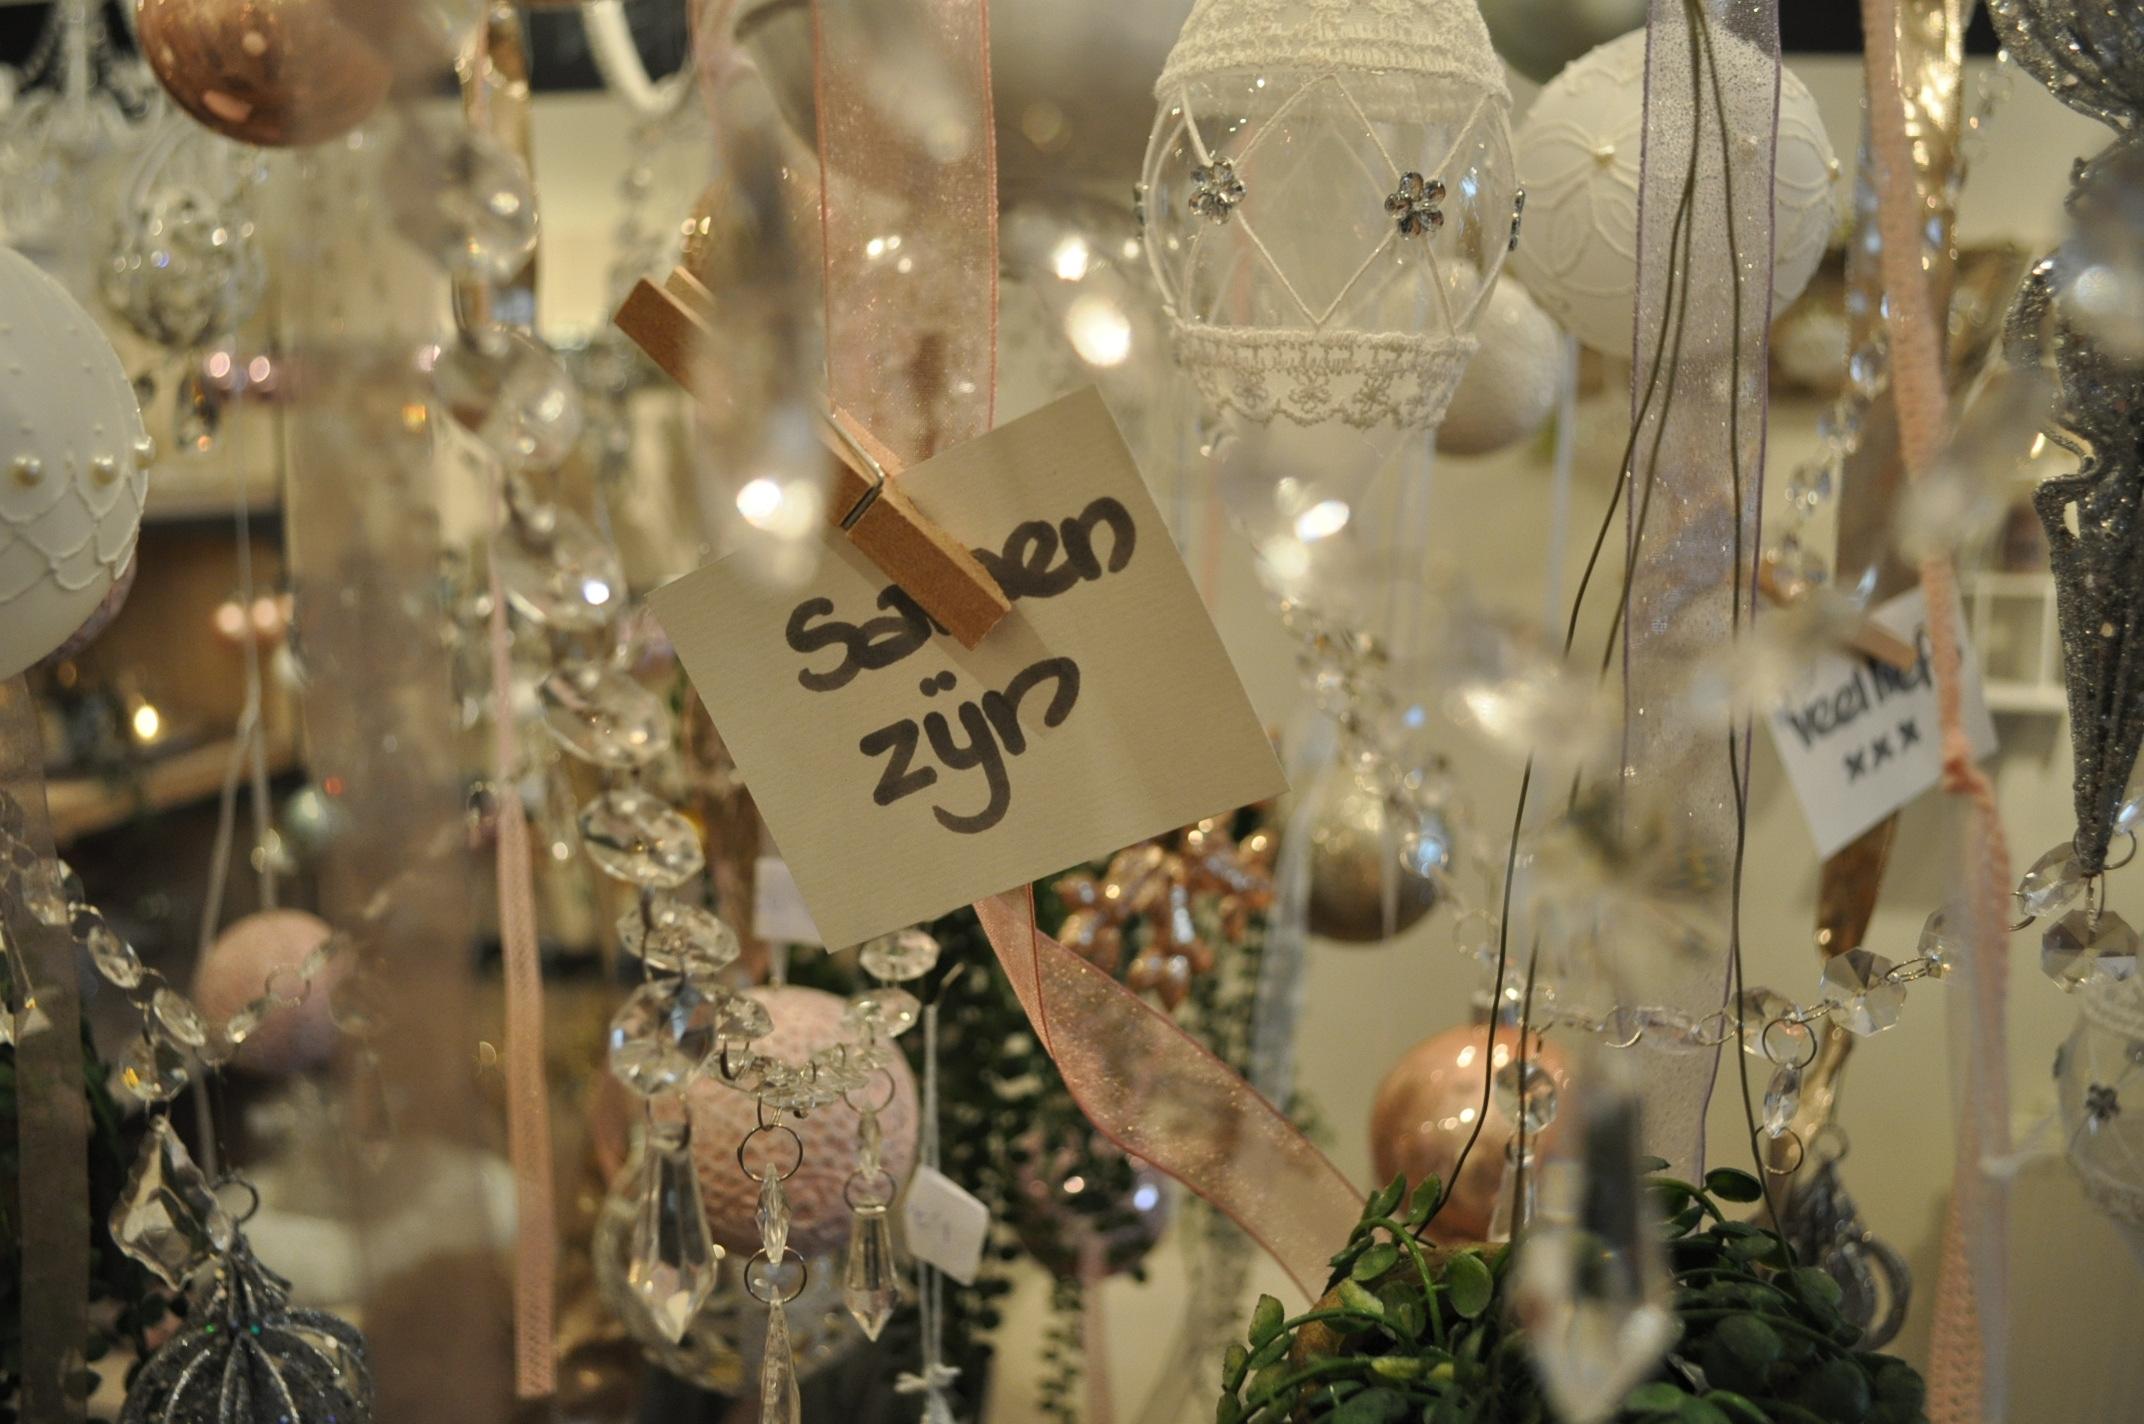 Kerst intratuin 2013 4 trends kerstversiering - Idee van decoratie voor kamer ...